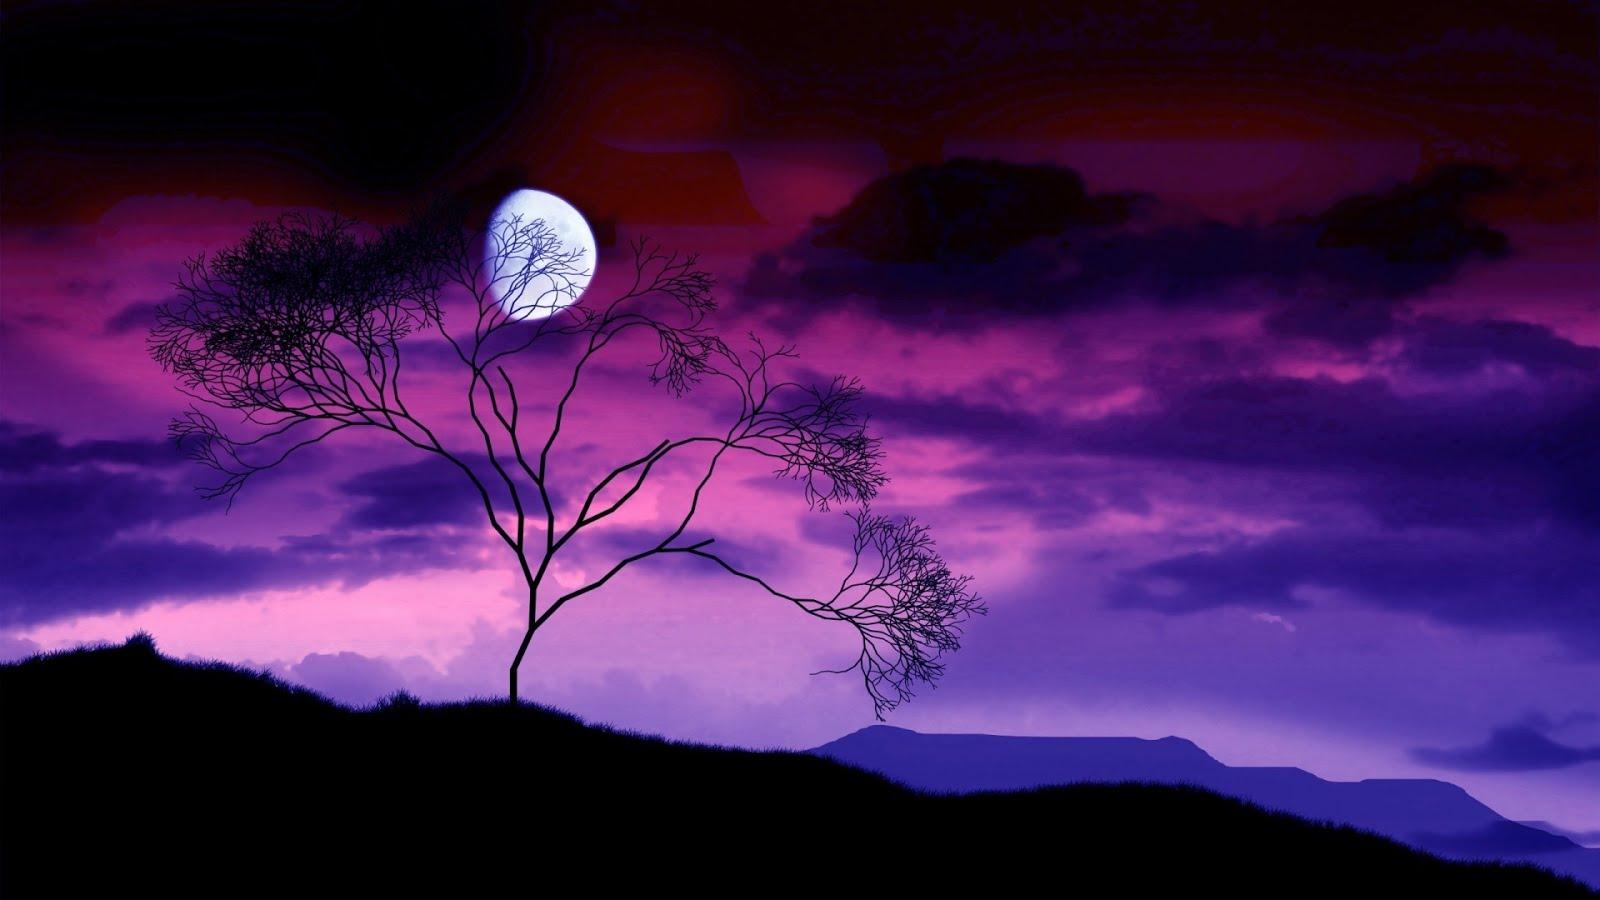 Entre no Paraíso da Luz da Lua! ☾